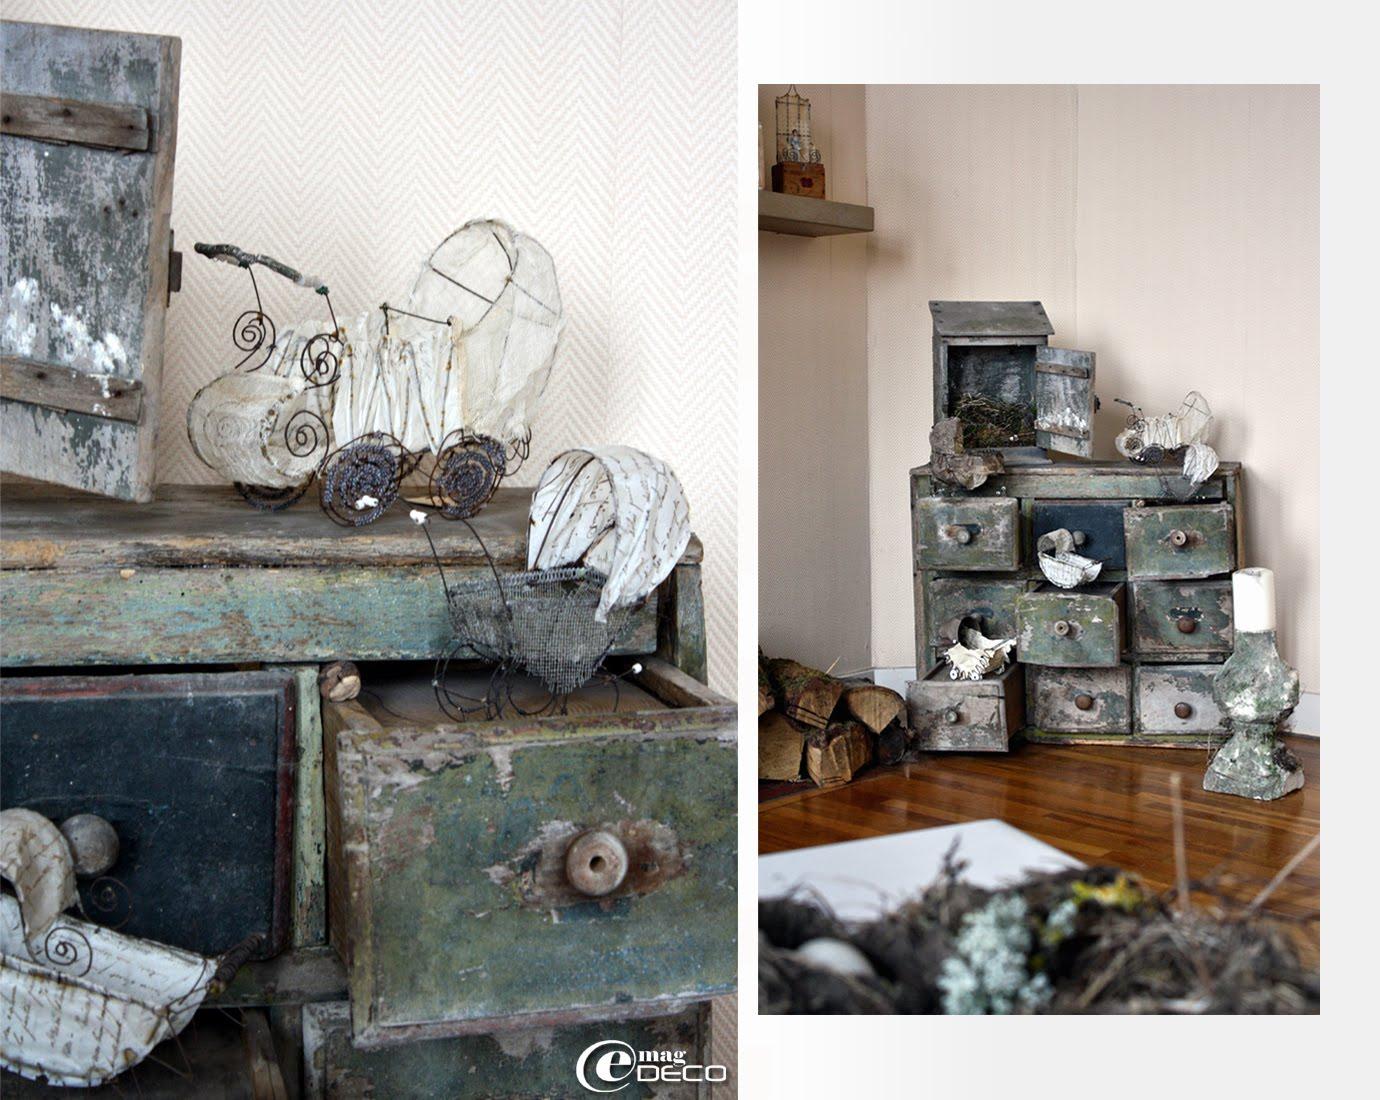 Petits landaus en fil de fer et tissus, papier, cuir, tarlatane, créations Catherine Durr